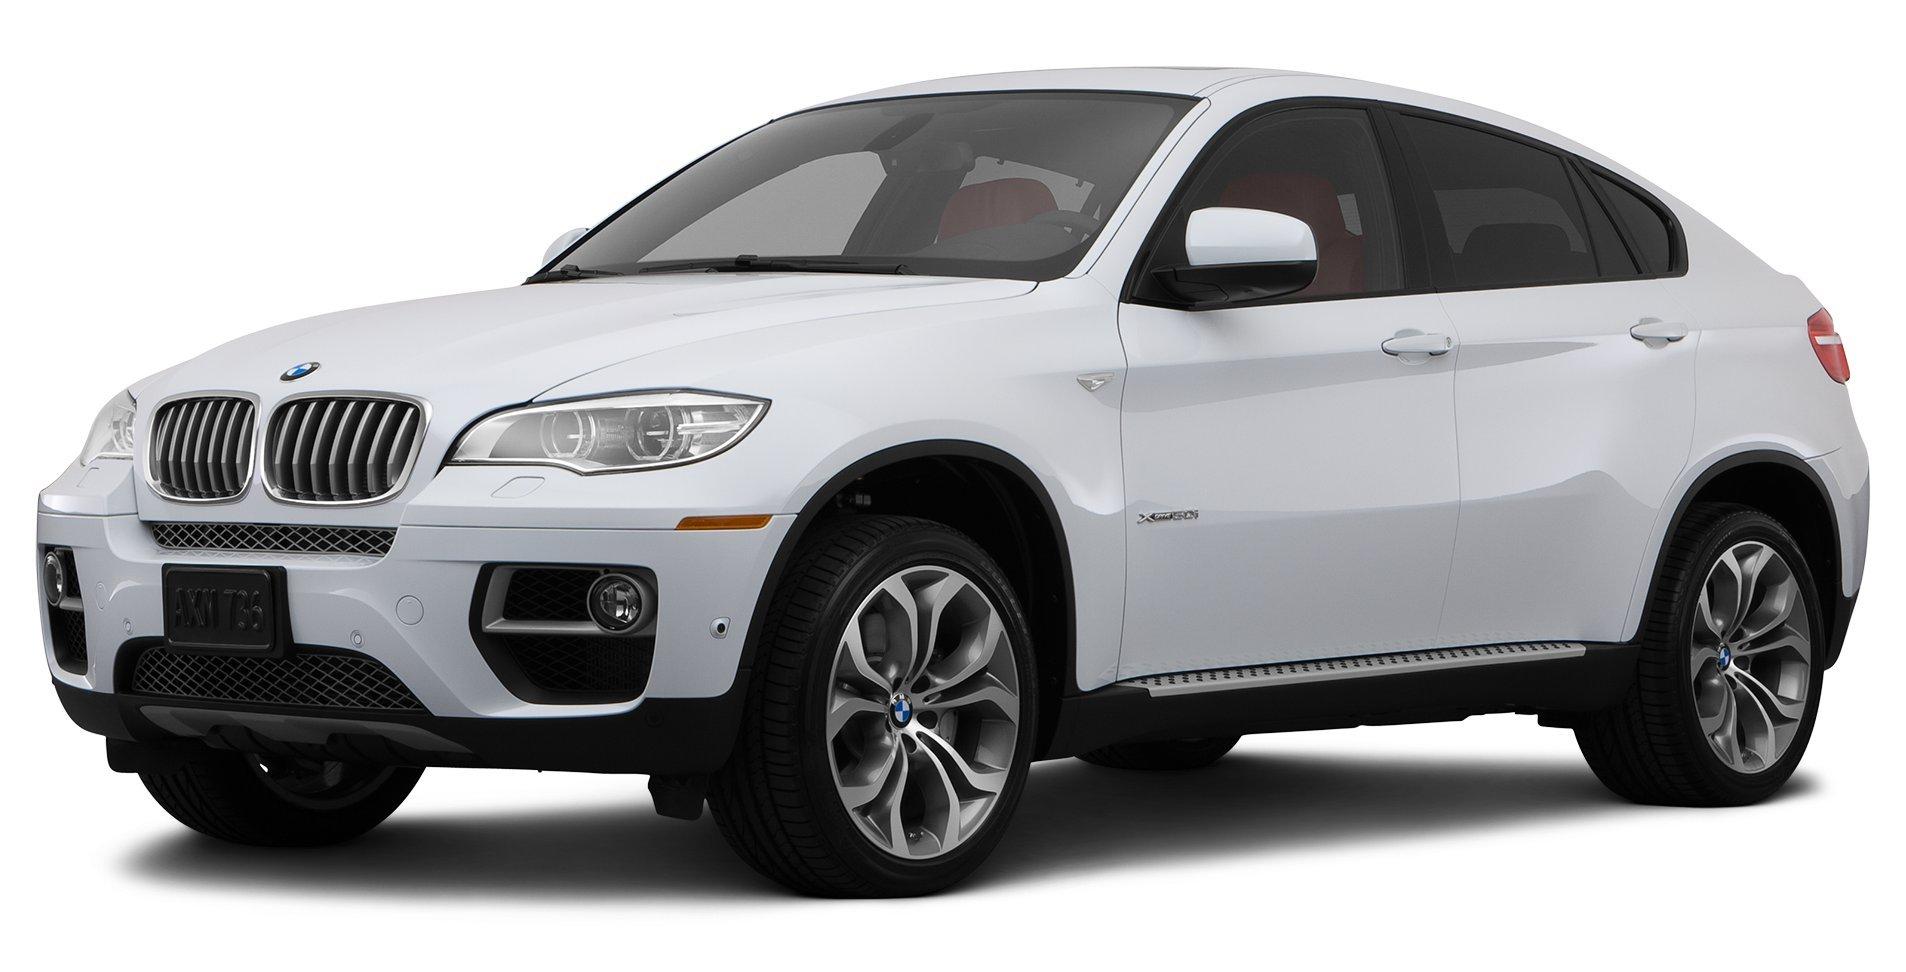 2013 BMW X6 All Wheel Drive 4 Door